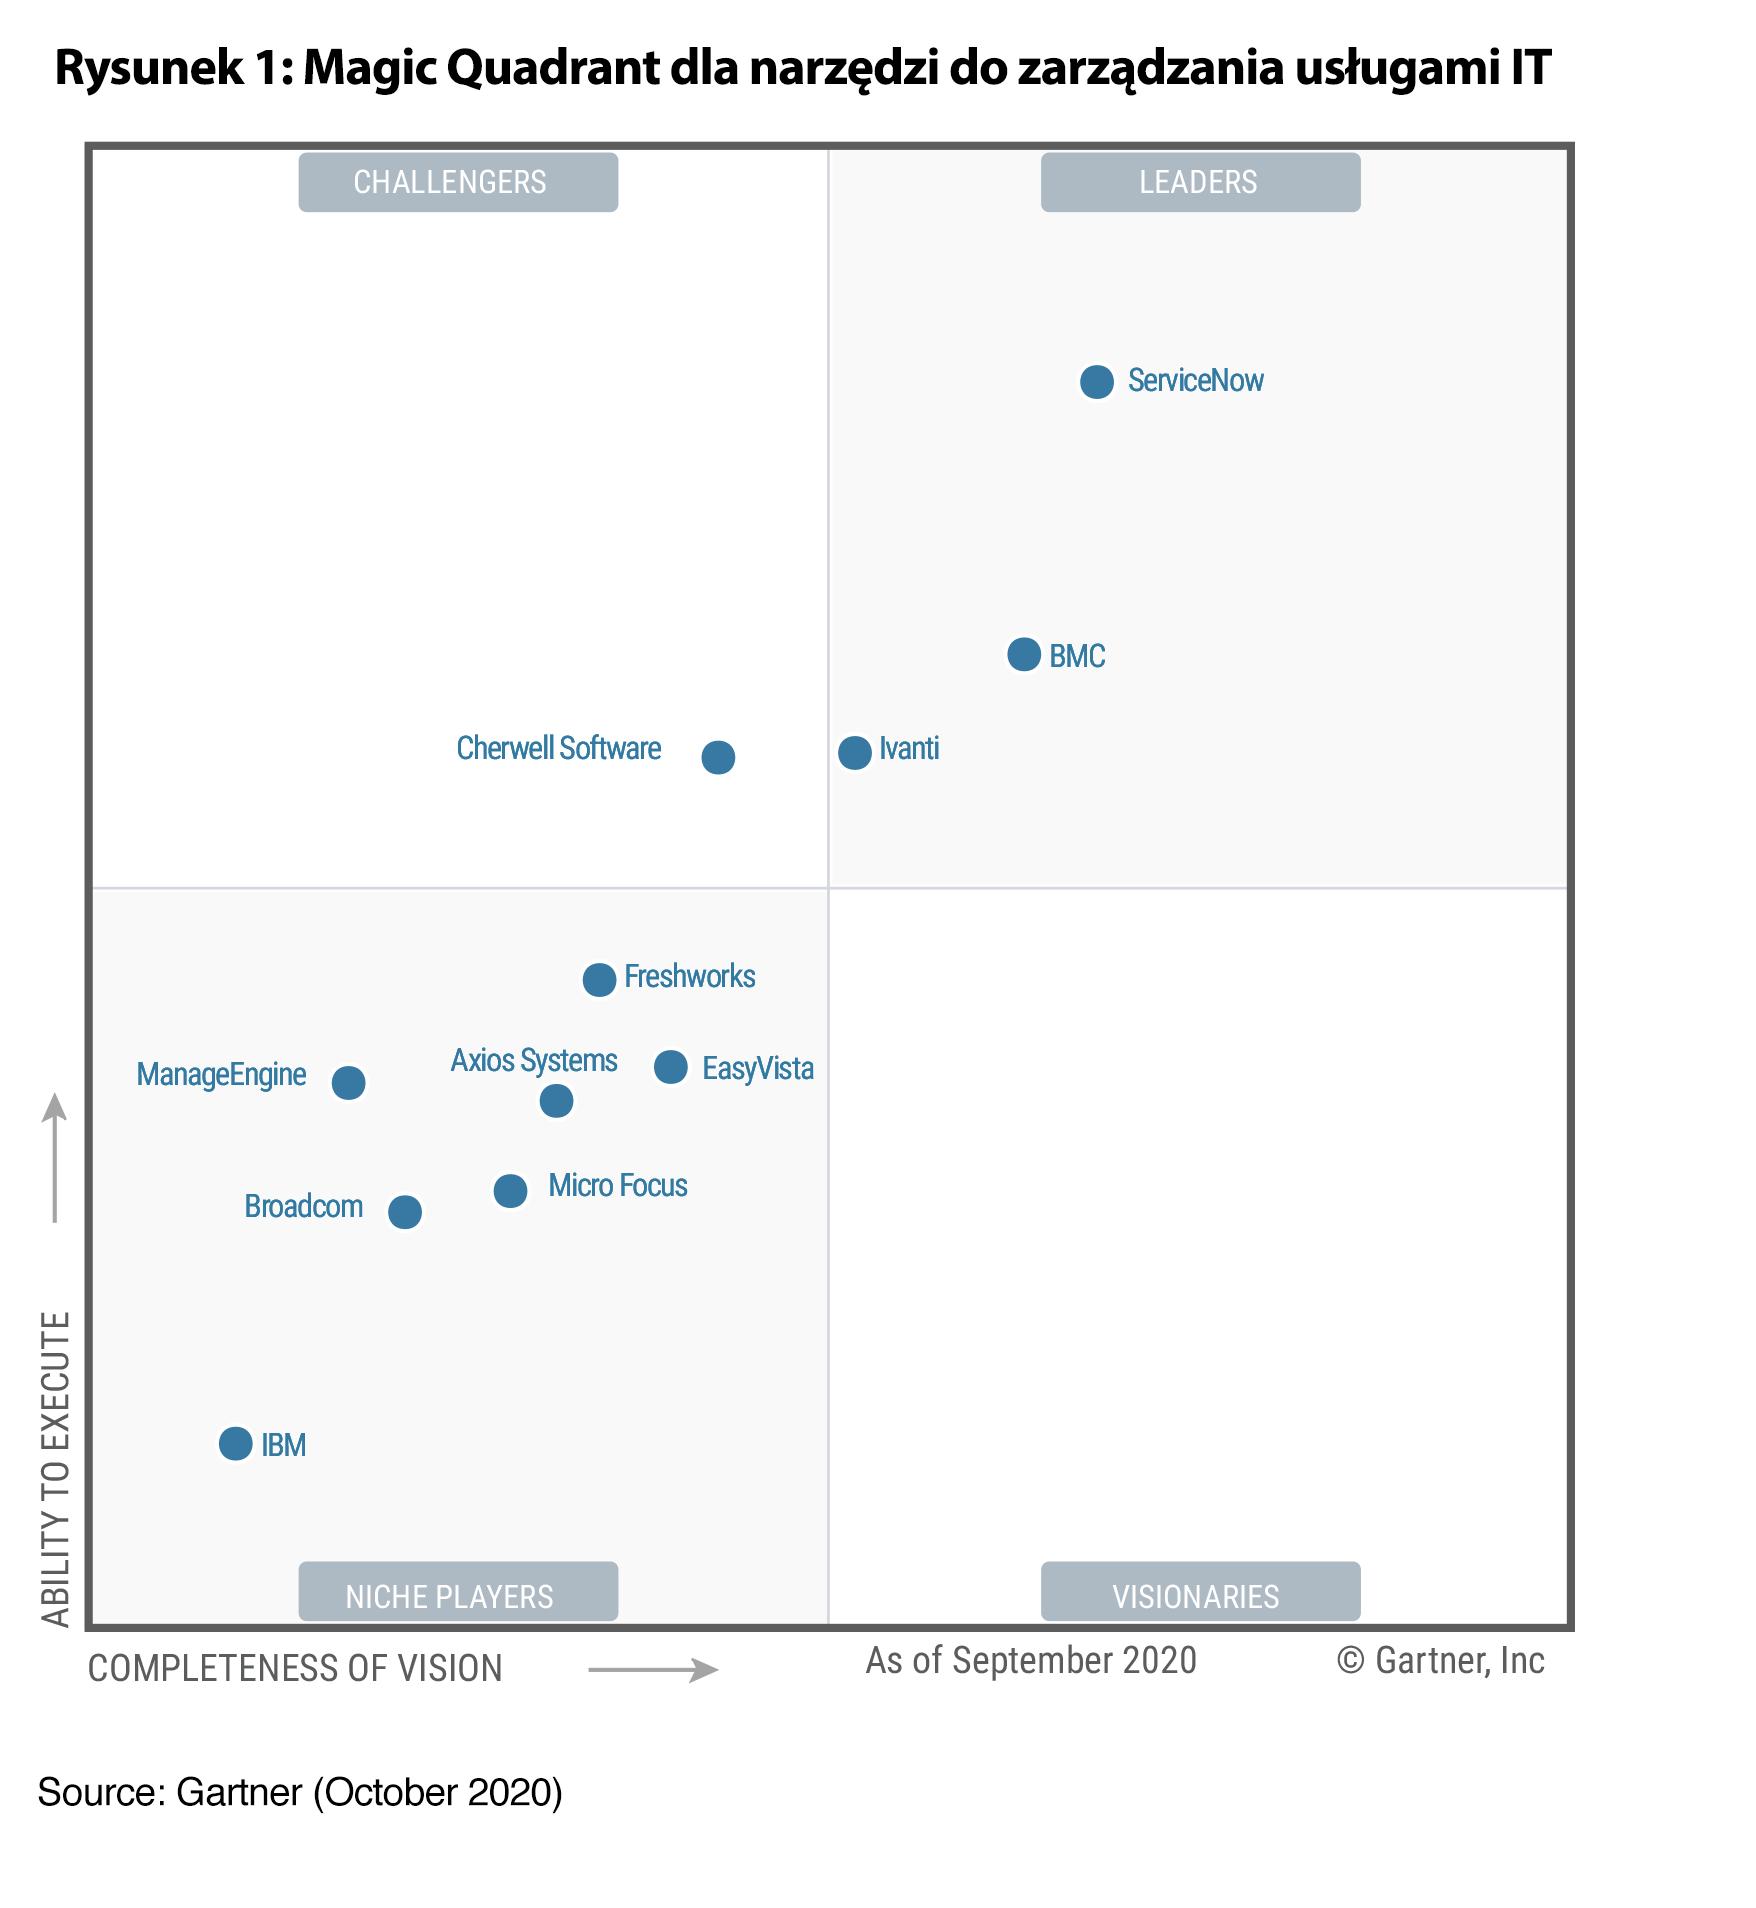 2020 Gartner Magic Quadrant dla narzędzi do zarządzania usługami IT